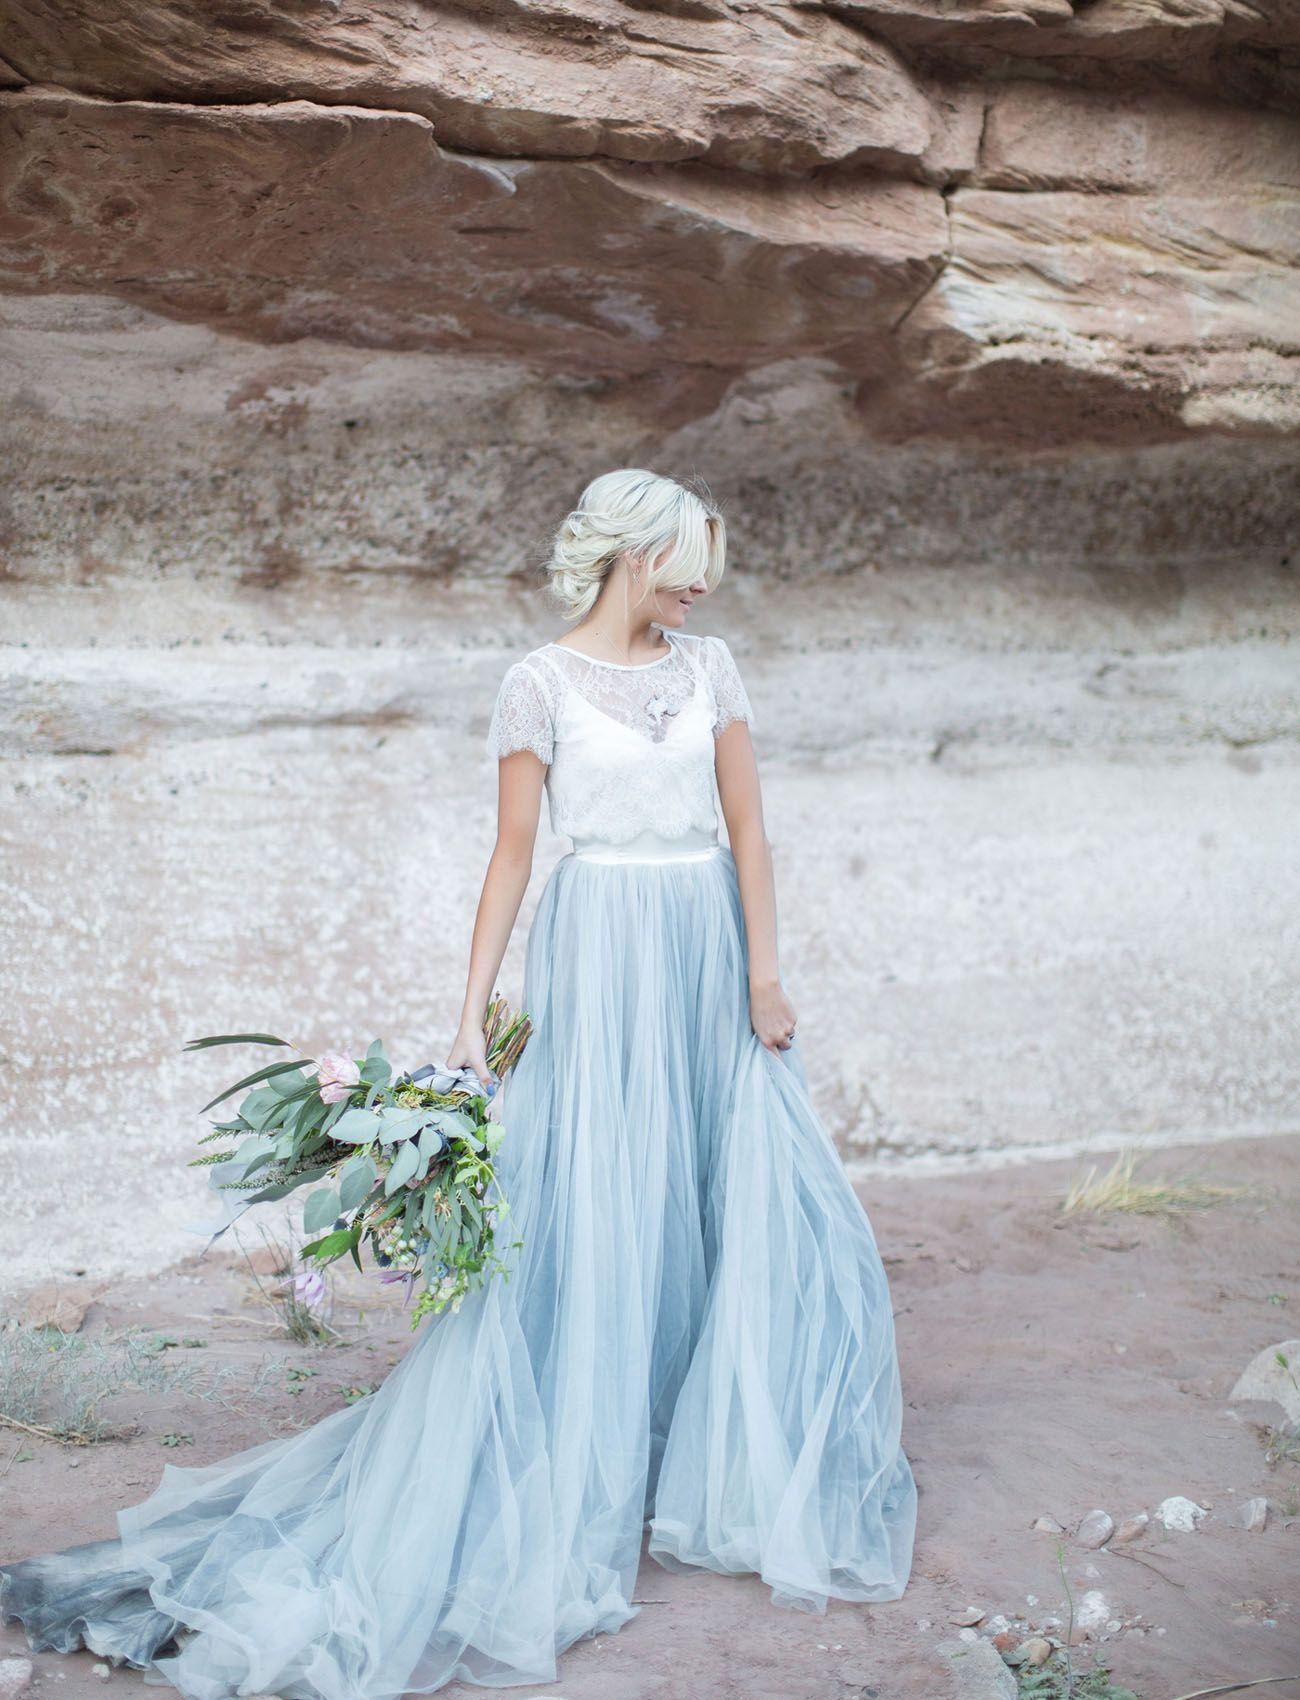 9e92273d4b5 Chantel Lauren Designs Dress - the blue skirt is dreamy!